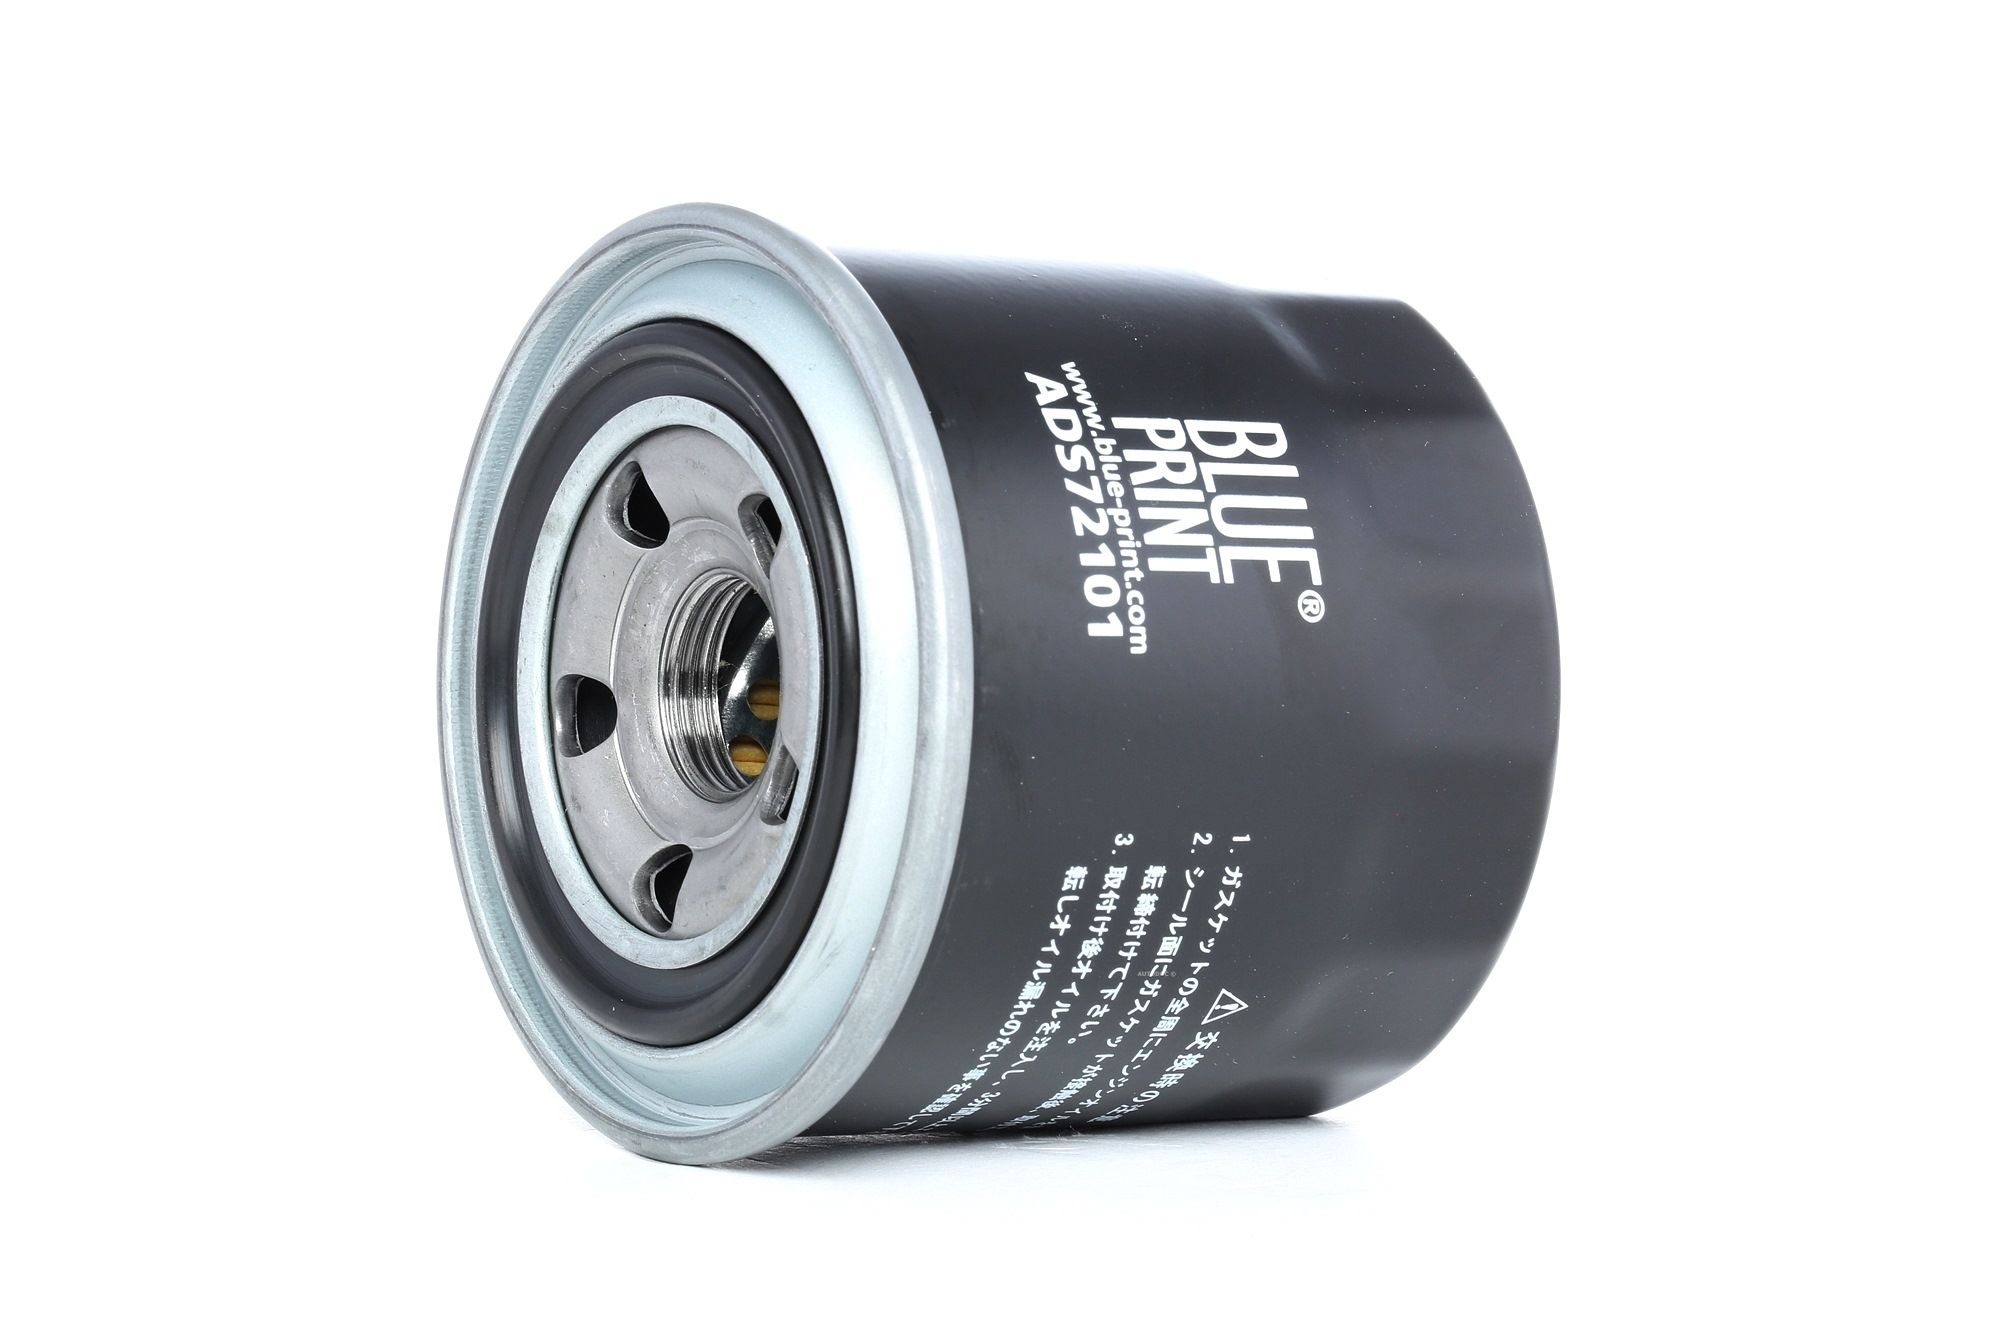 MAZDA 818 Ersatzteile: Ölfilter ADS72101 > Niedrige Preise - Jetzt kaufen!